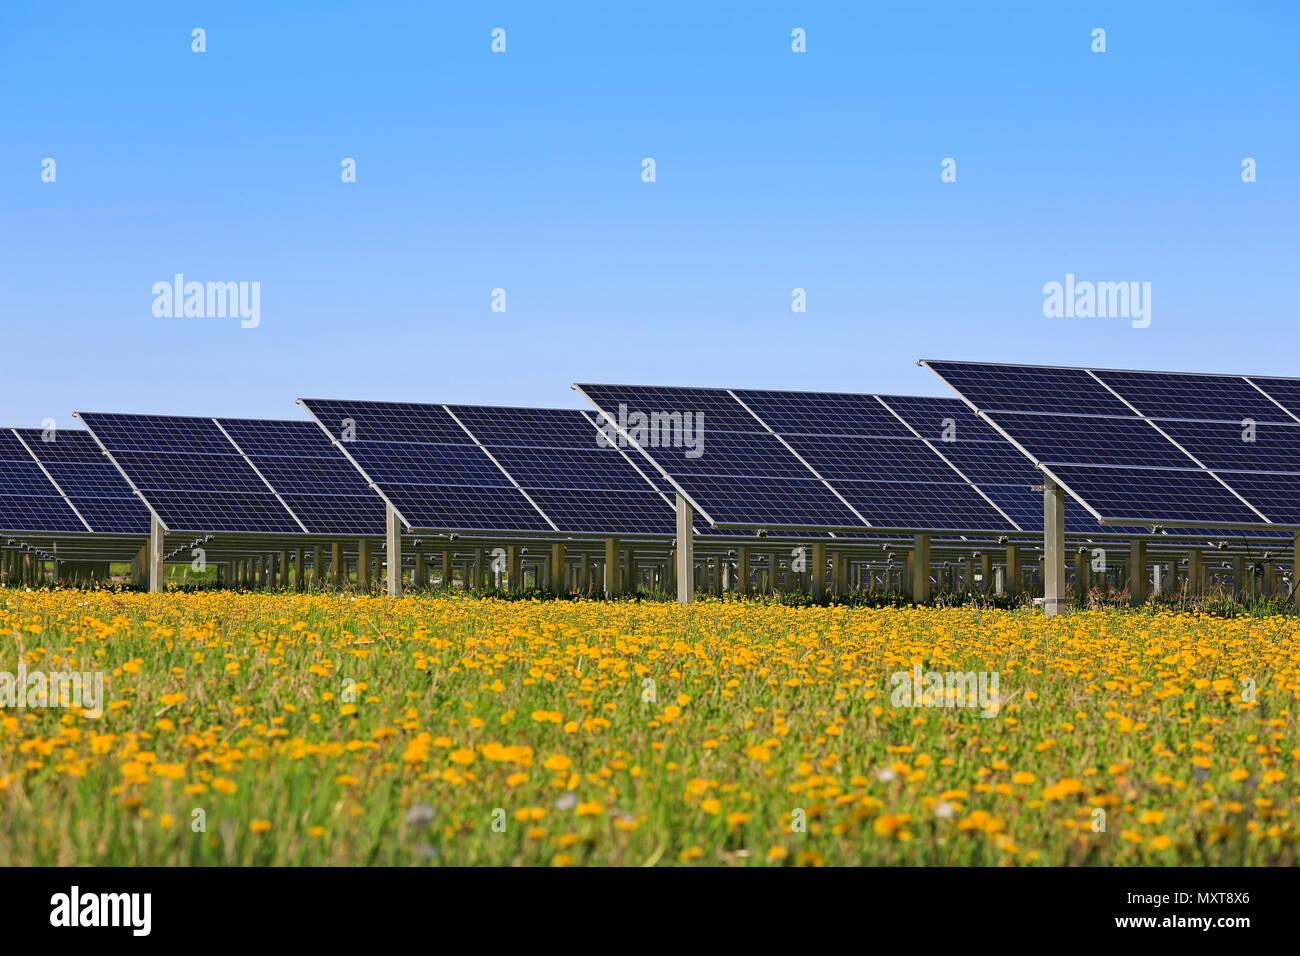 Paneles solares en un abrir campo verde con flores amarillas y el cielo azul en la primavera. Imagen De Stock